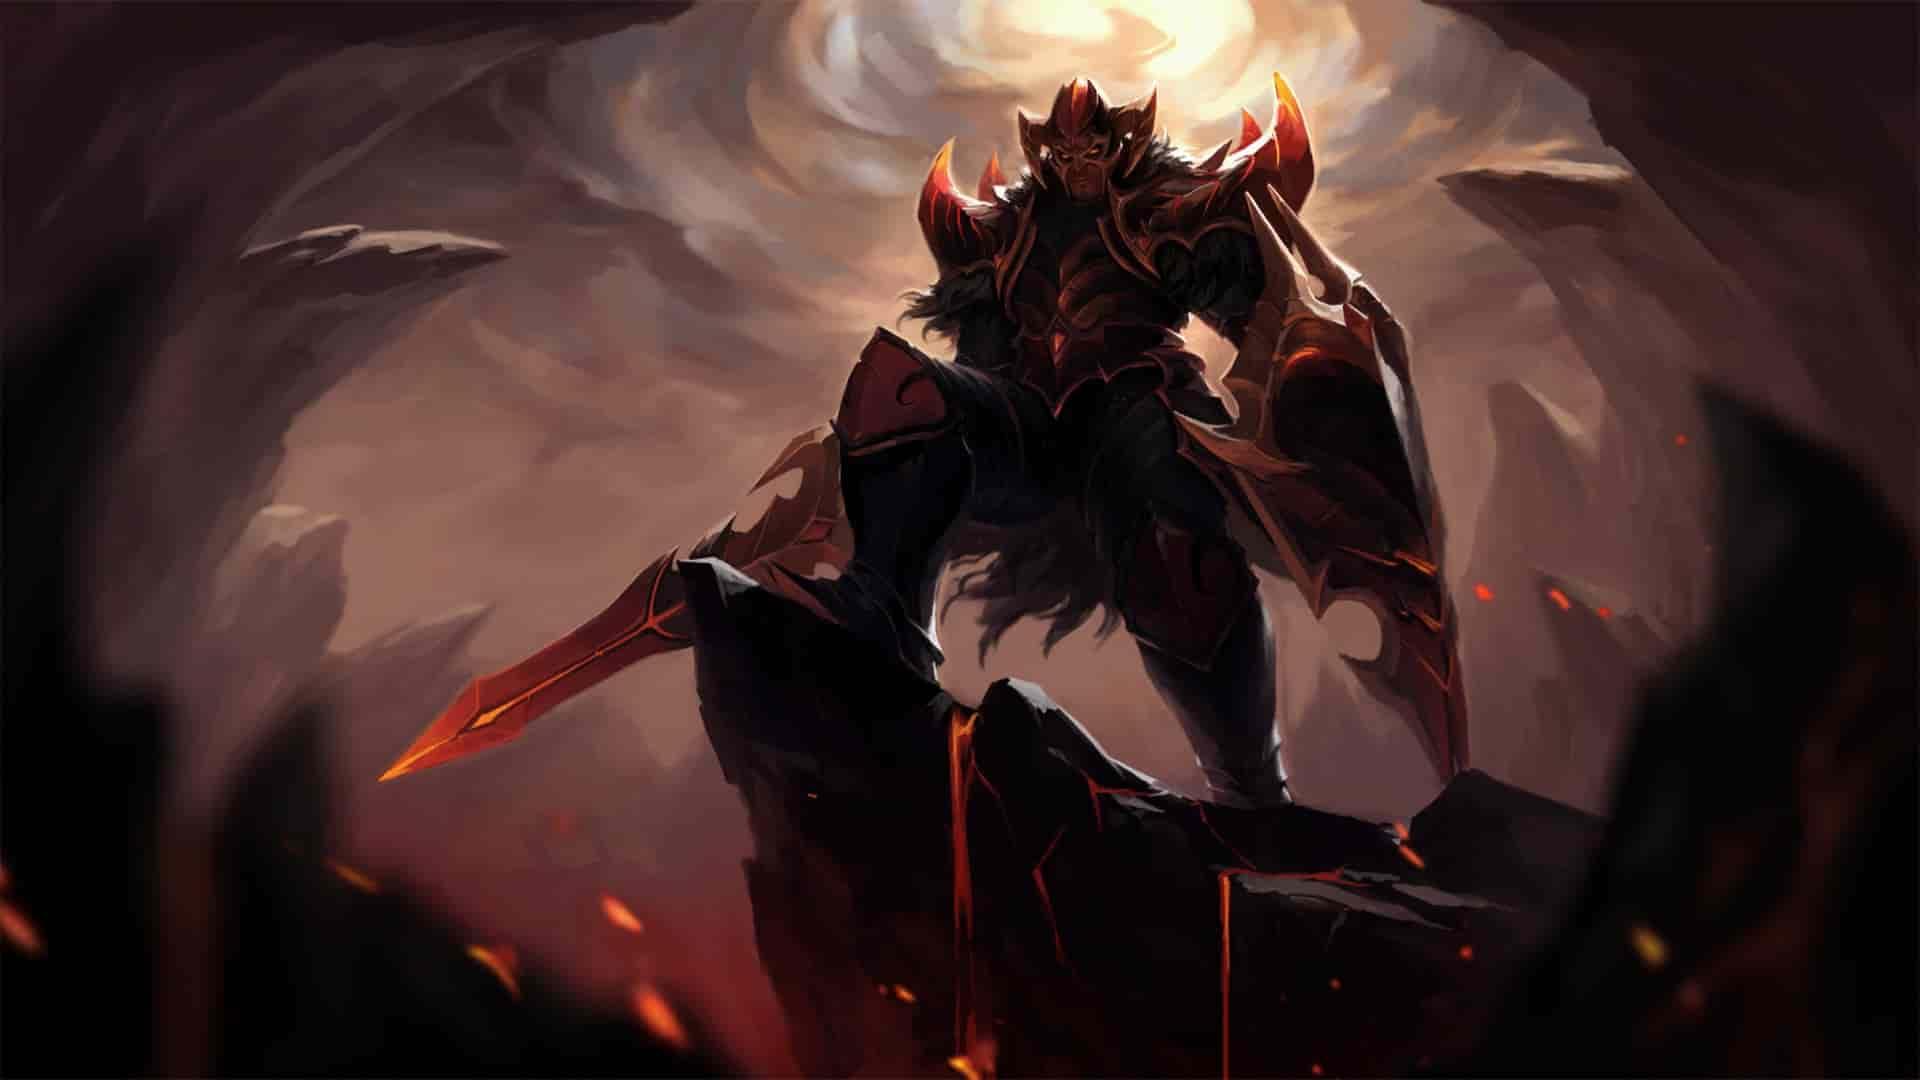 Dragon Knight winner